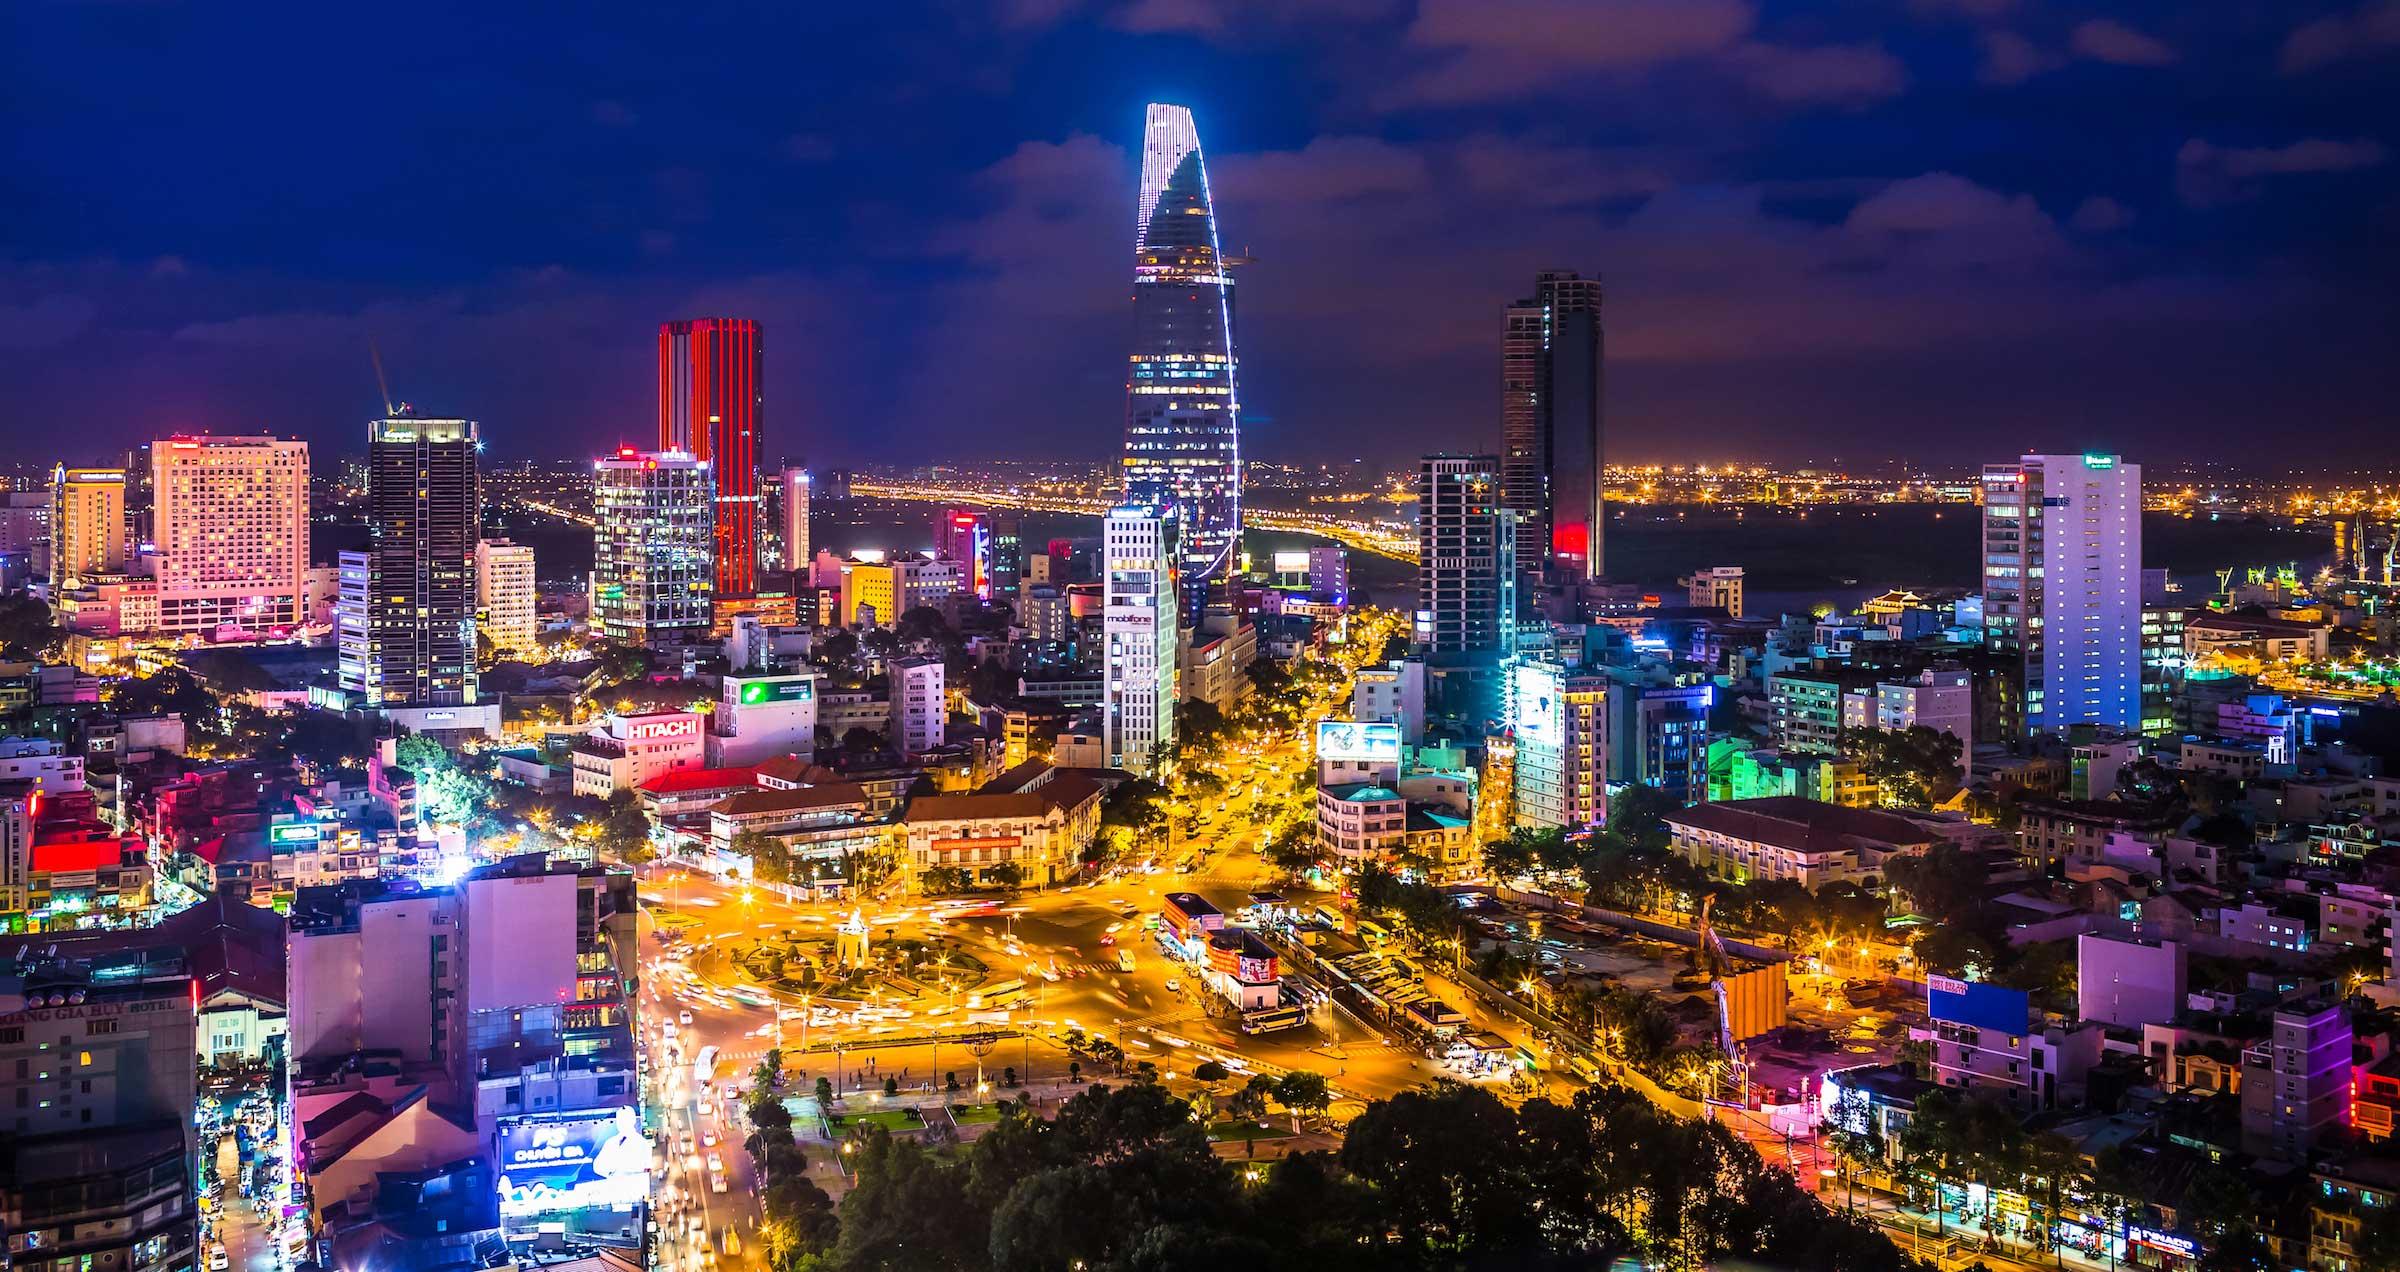 Kỷ nguyên hiện đại hóa của các thương hiệu Việt